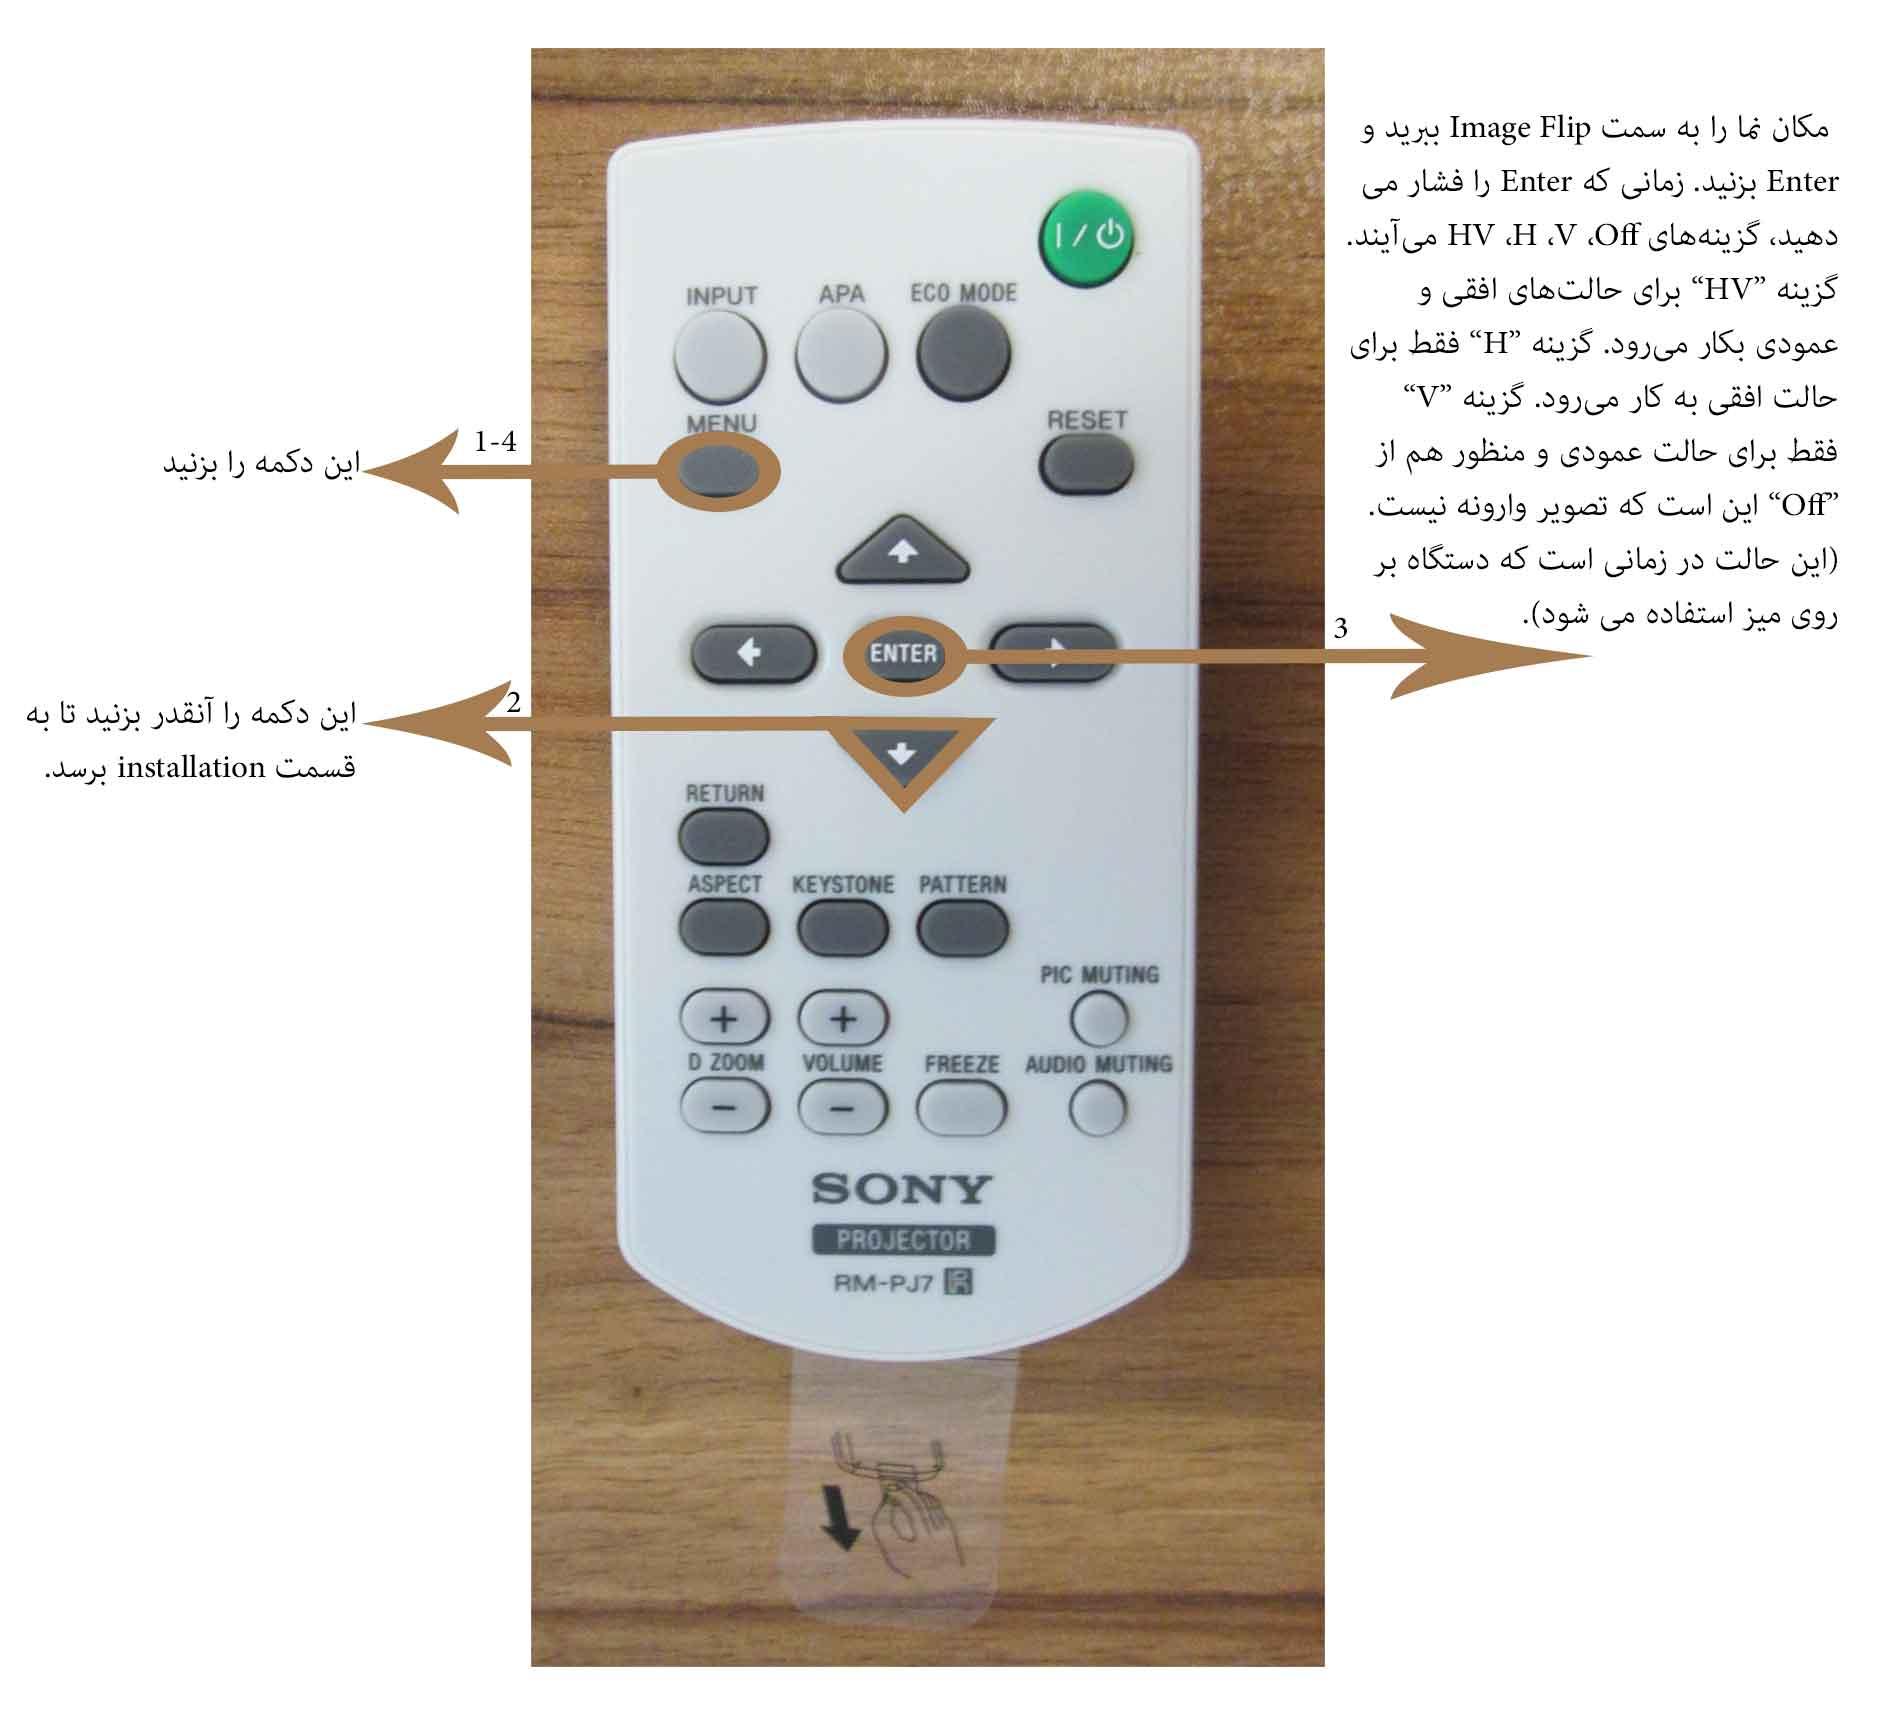 کنترل پروژکتور SONY